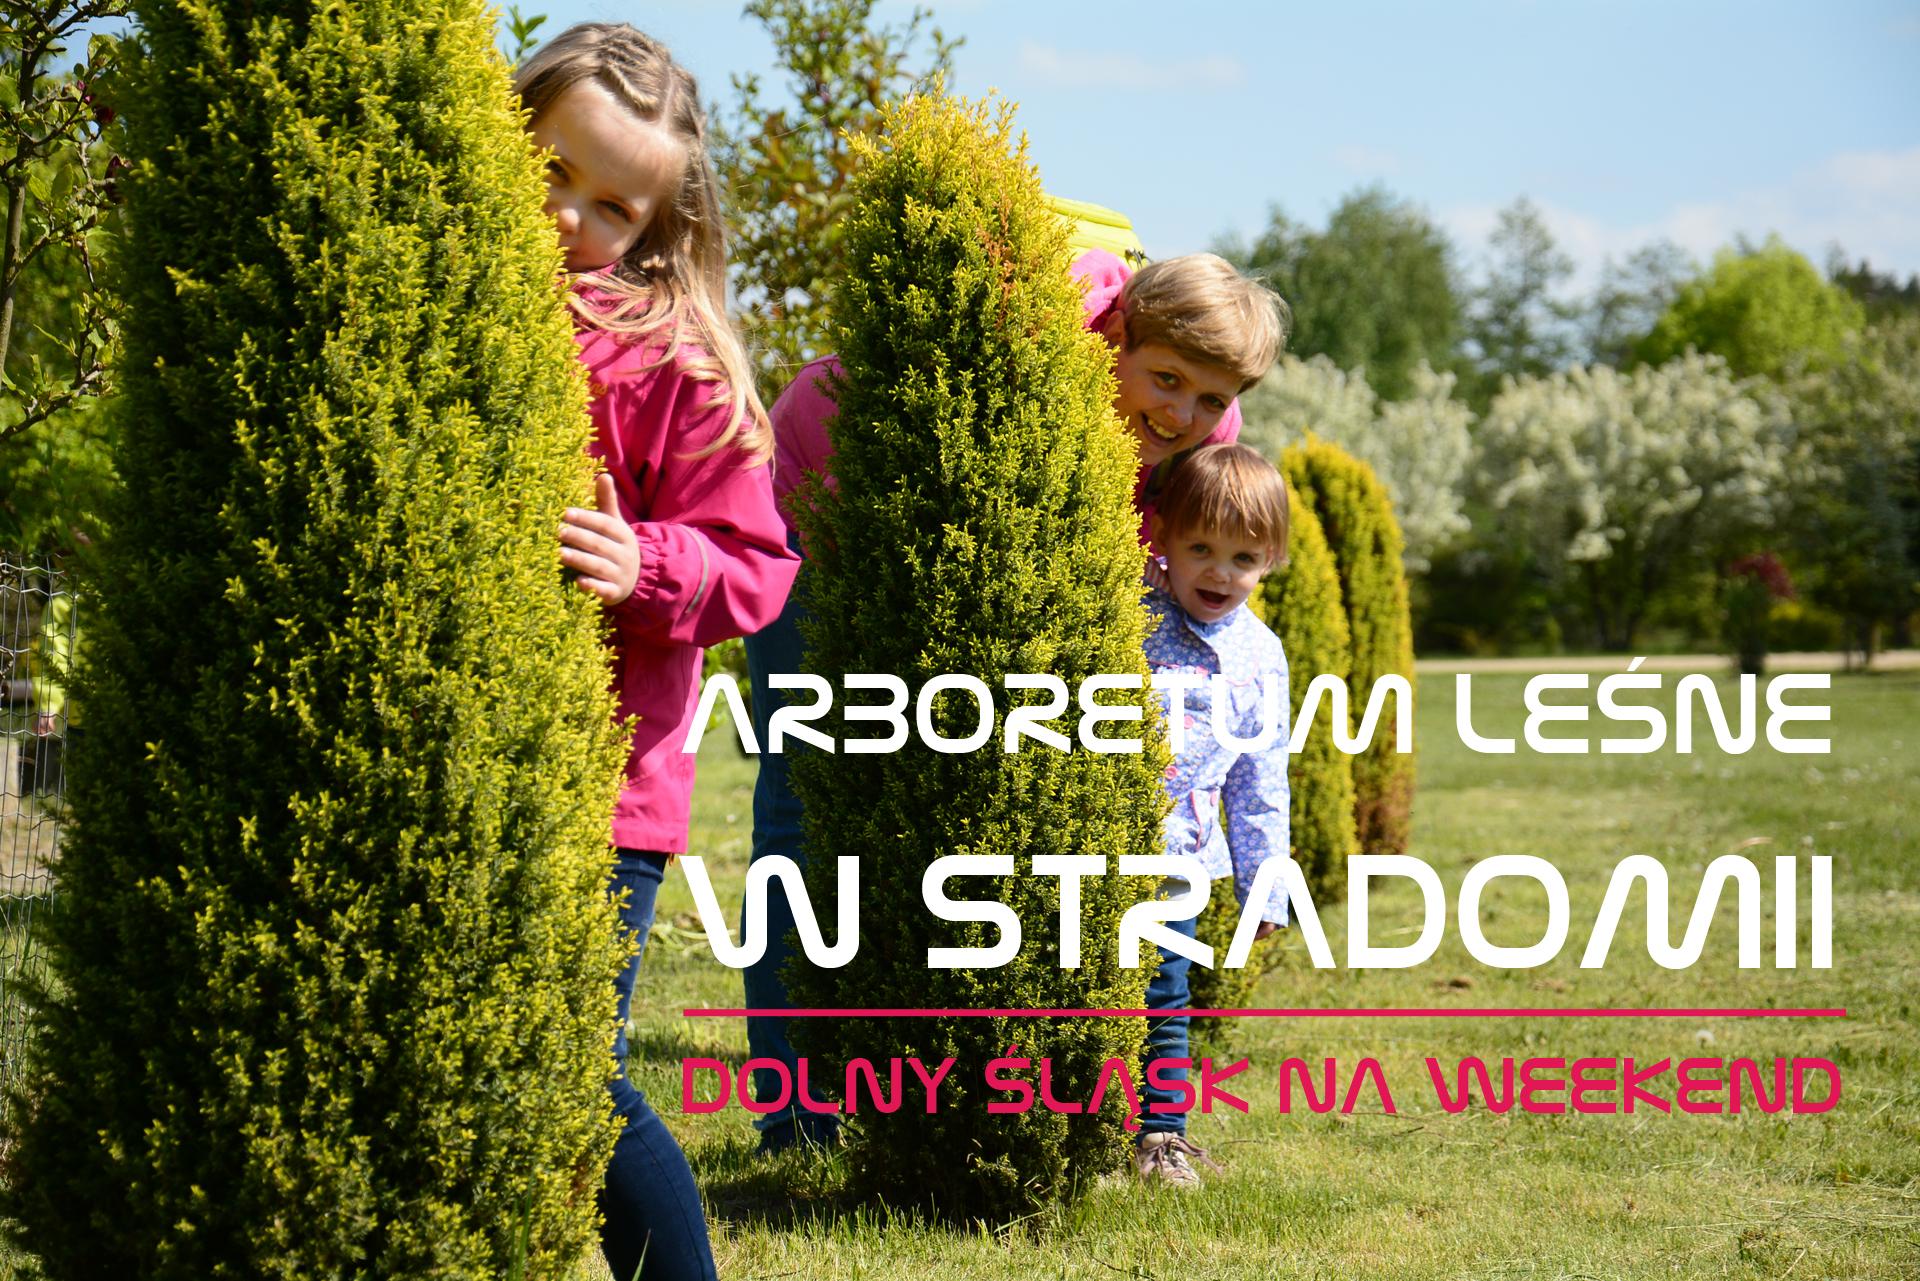 Arboretum leśne w Stradomii | Dolny Śląsk na weekend